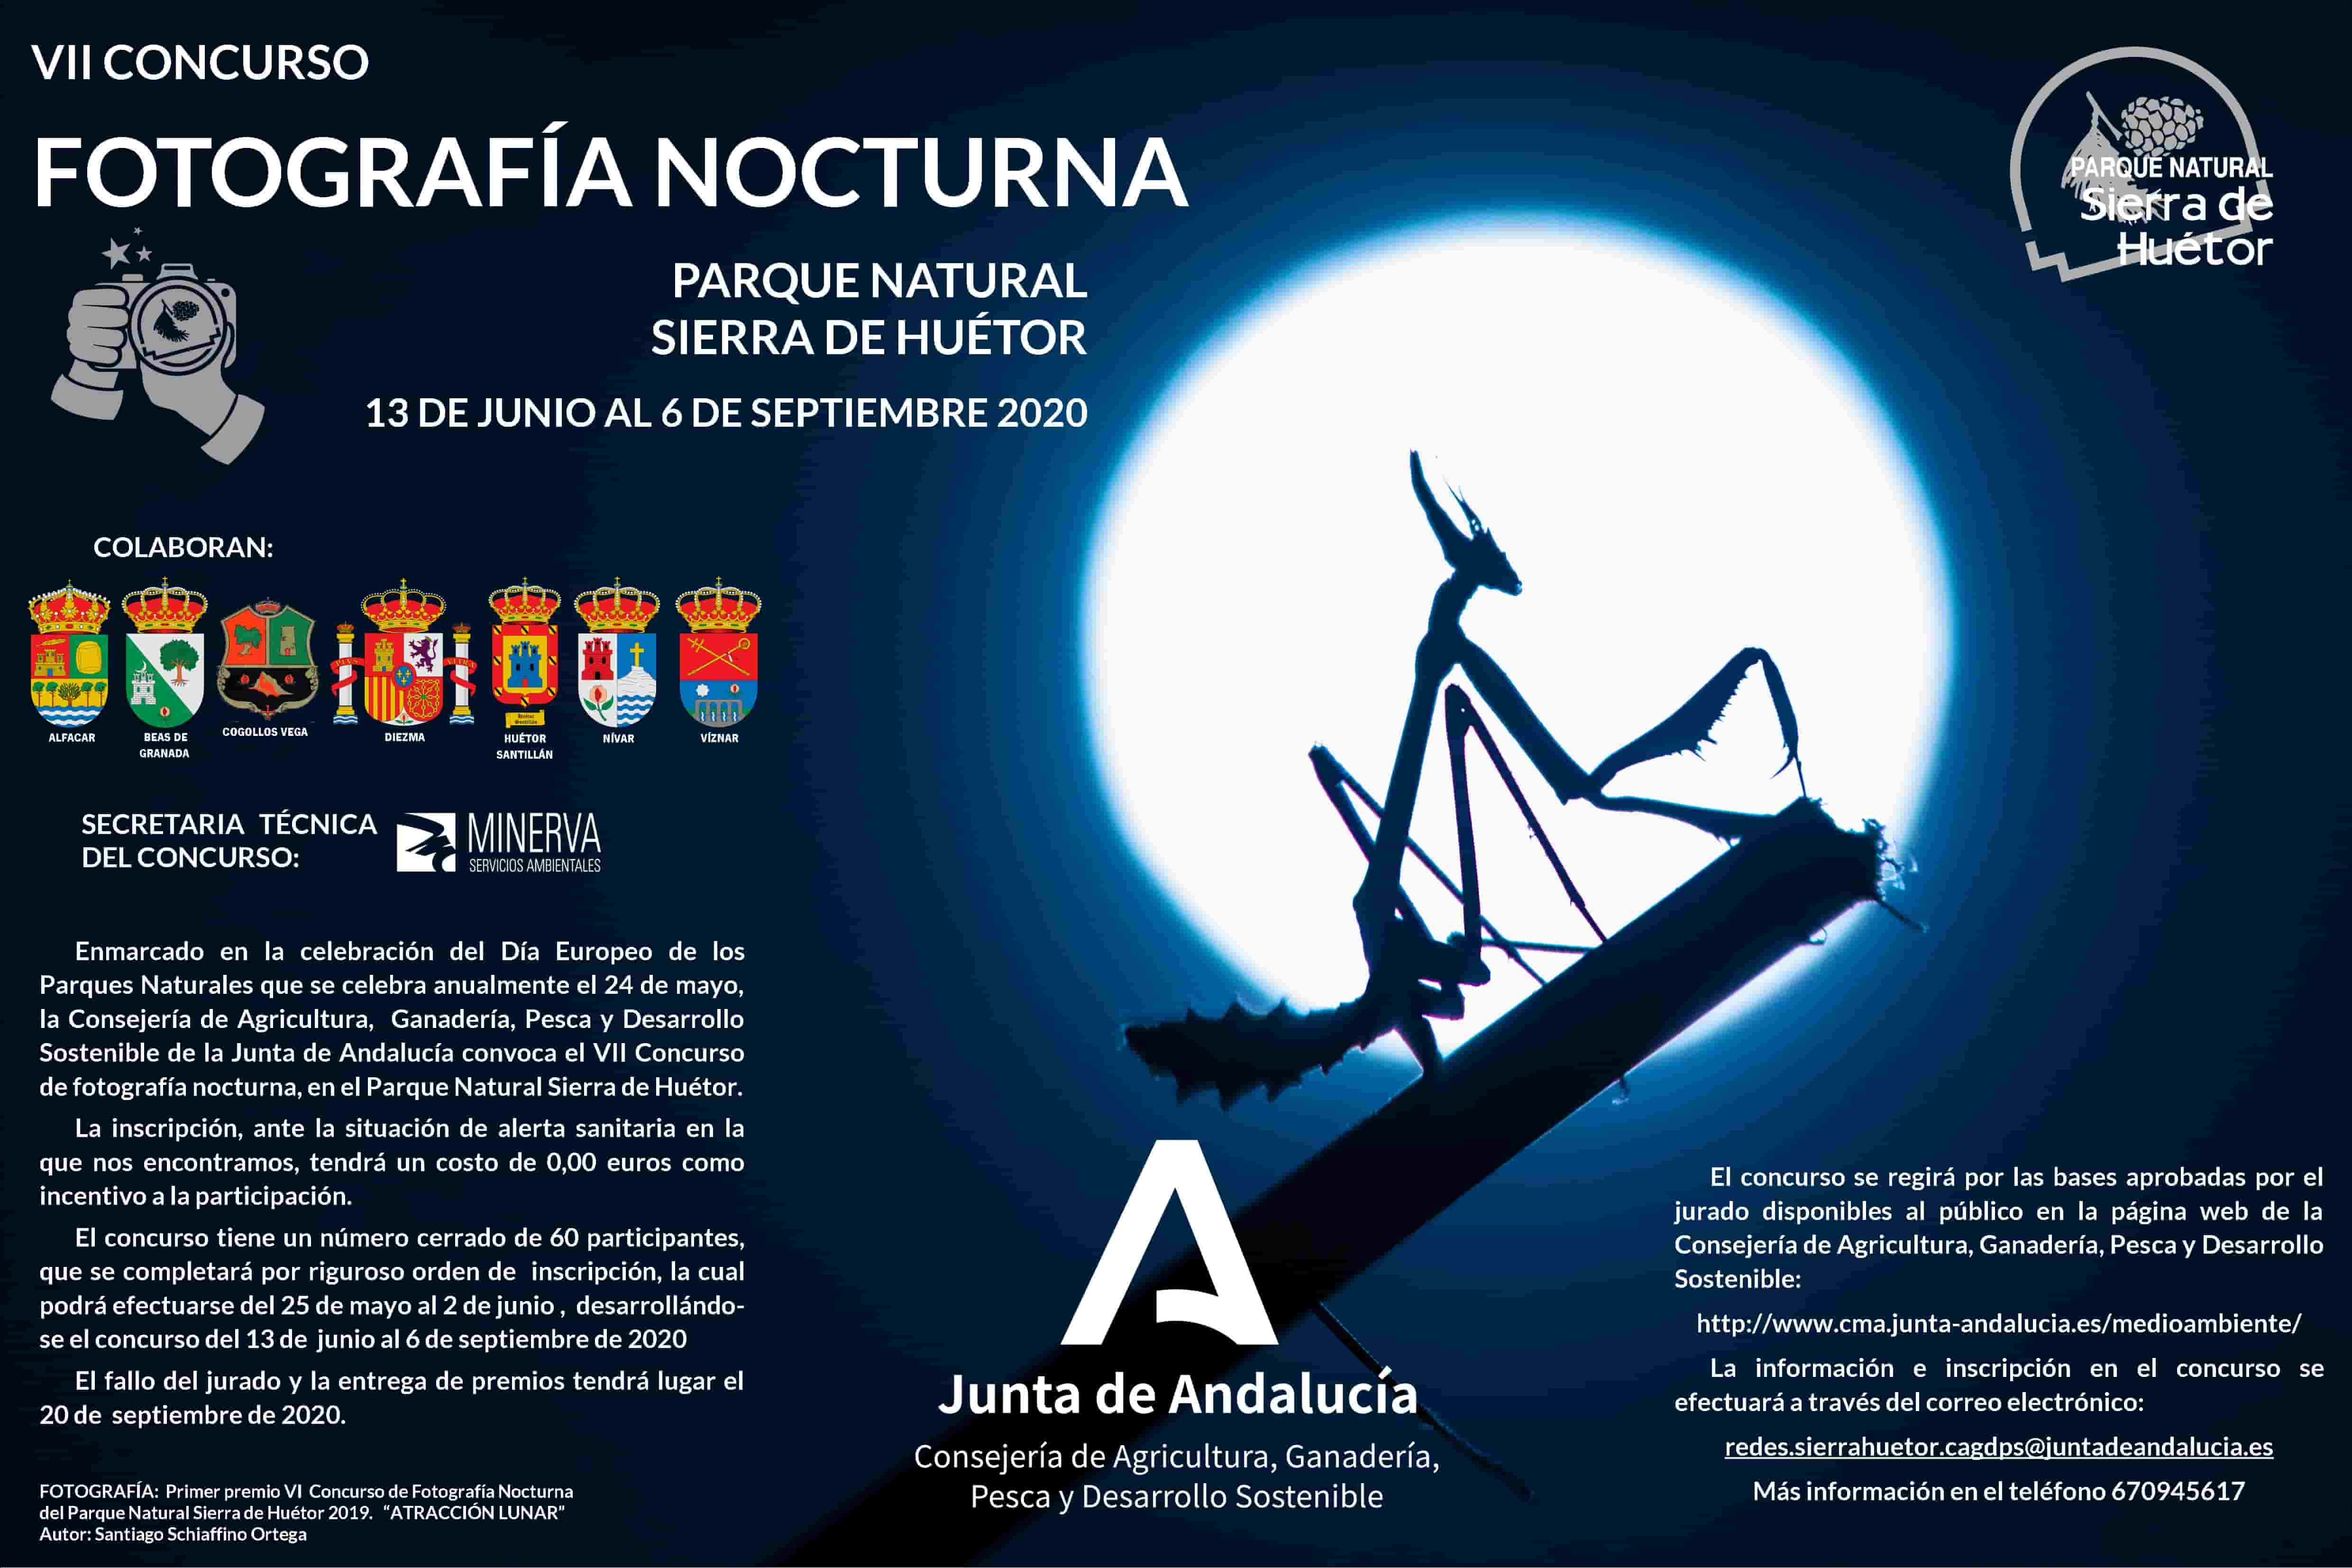 VII Concurso de Fotografía Nocturna Sierra de Huétor